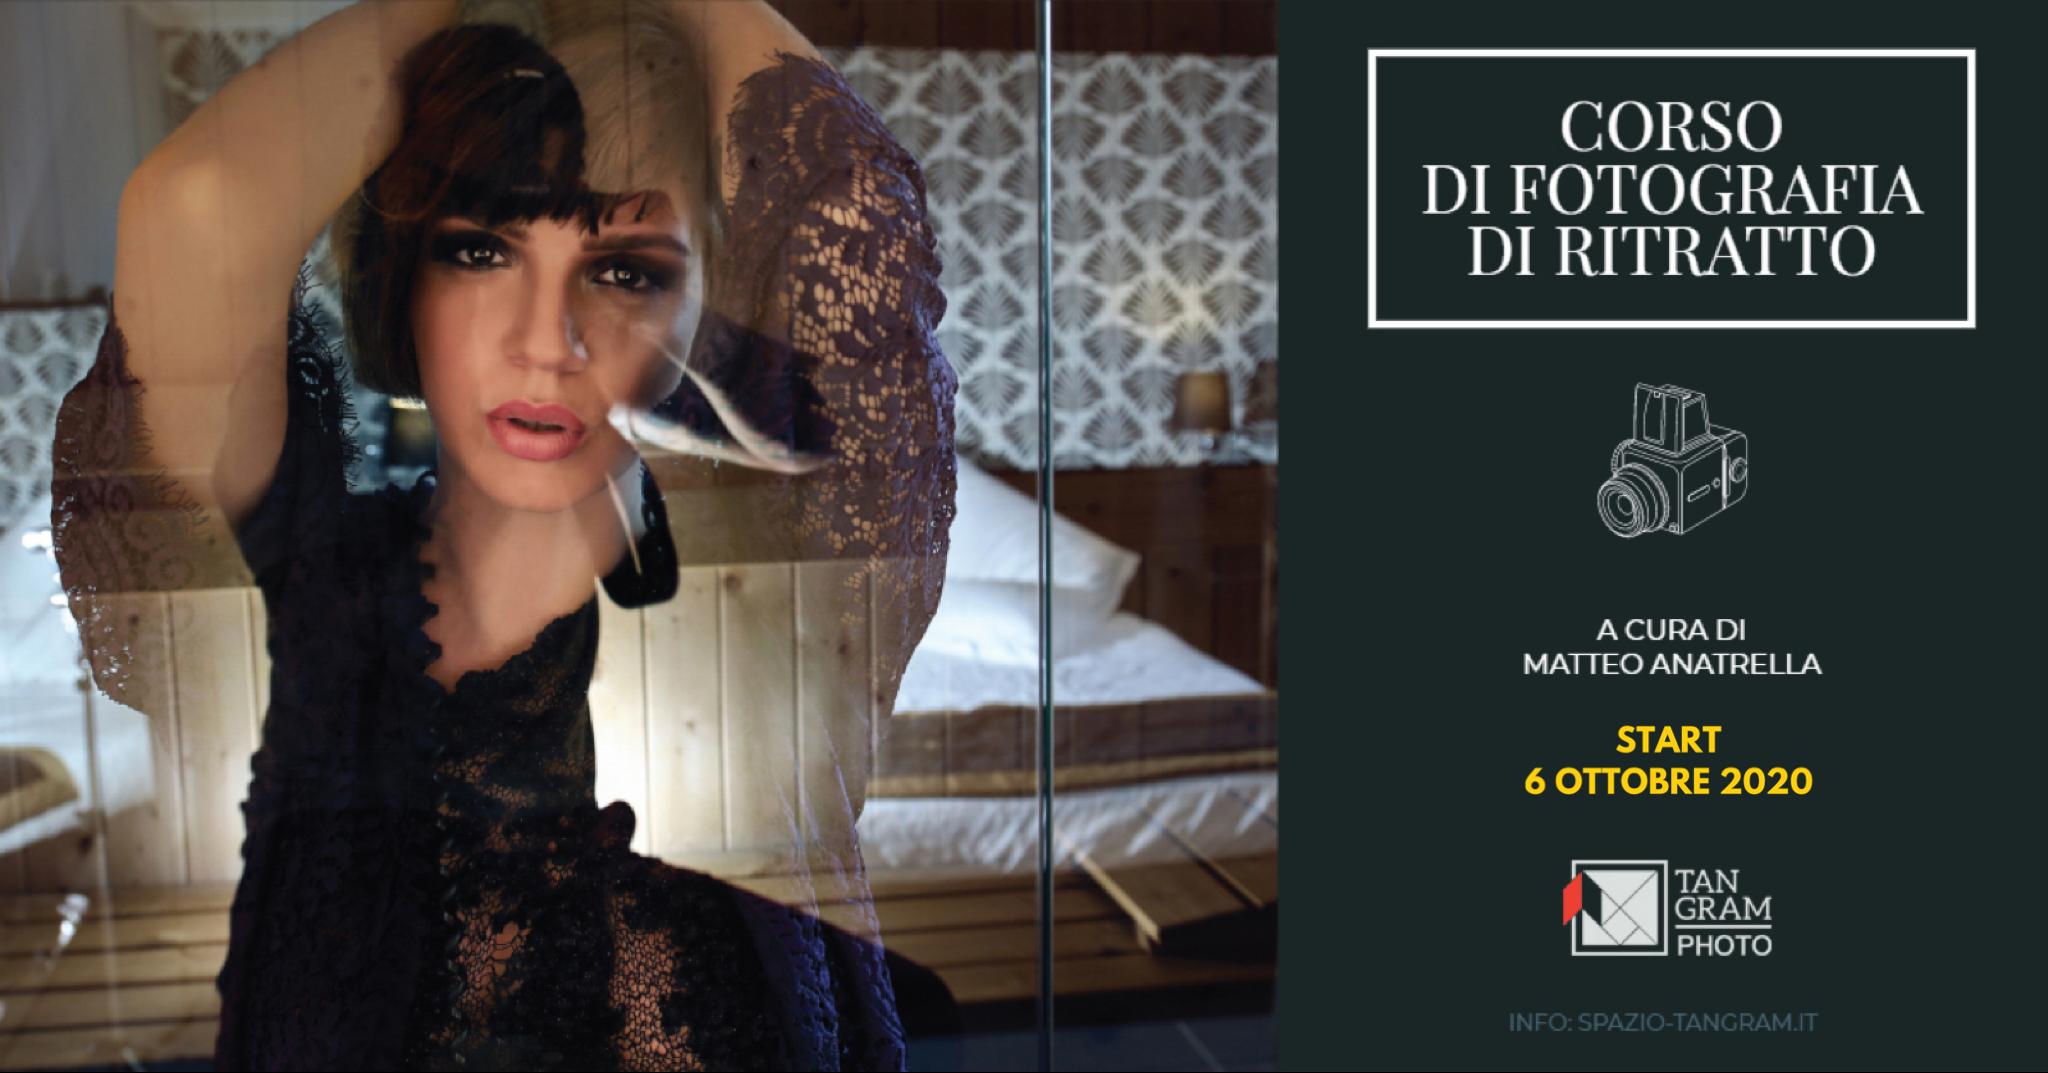 Corso di fotografia di ritratto a Napoli con Matteo Anatrella